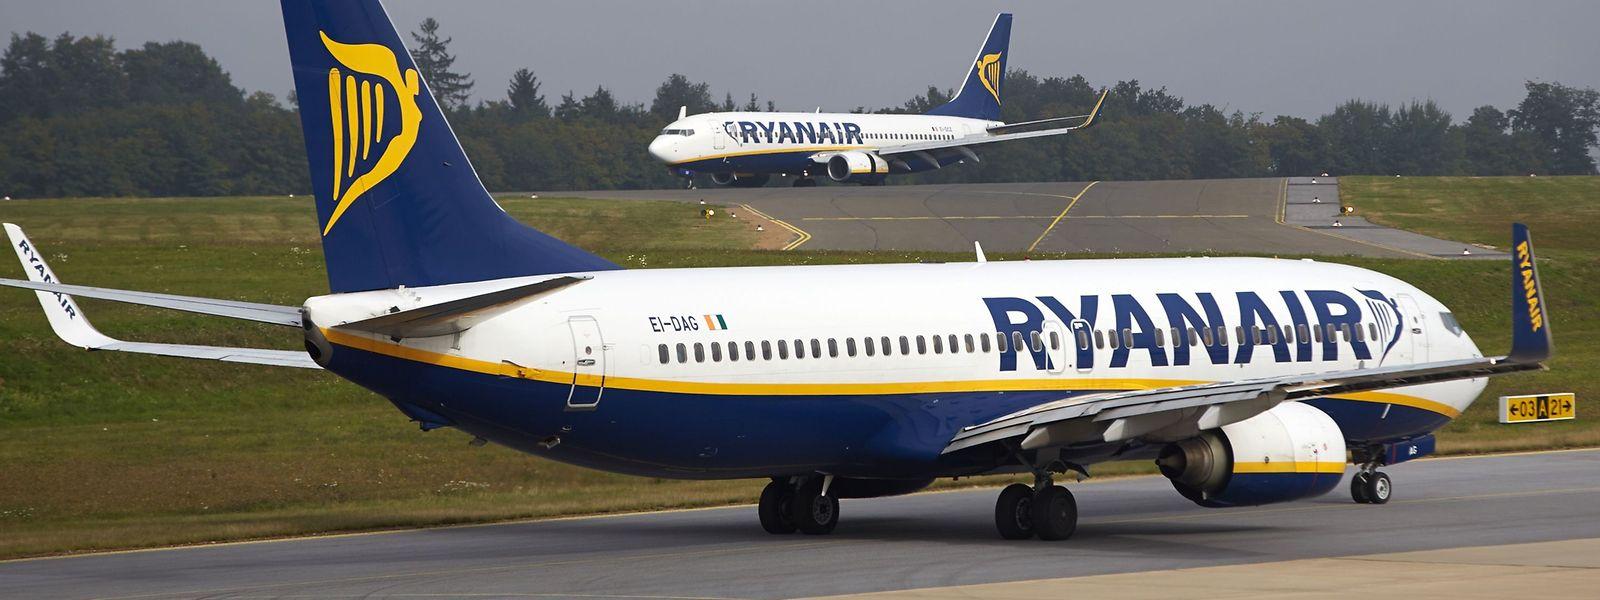 Les pilotes, dont la grève d'ampleur internationale ne date pas d'hier, revendiquent des «améliorations des conditions salariales, ainsi que de travail»